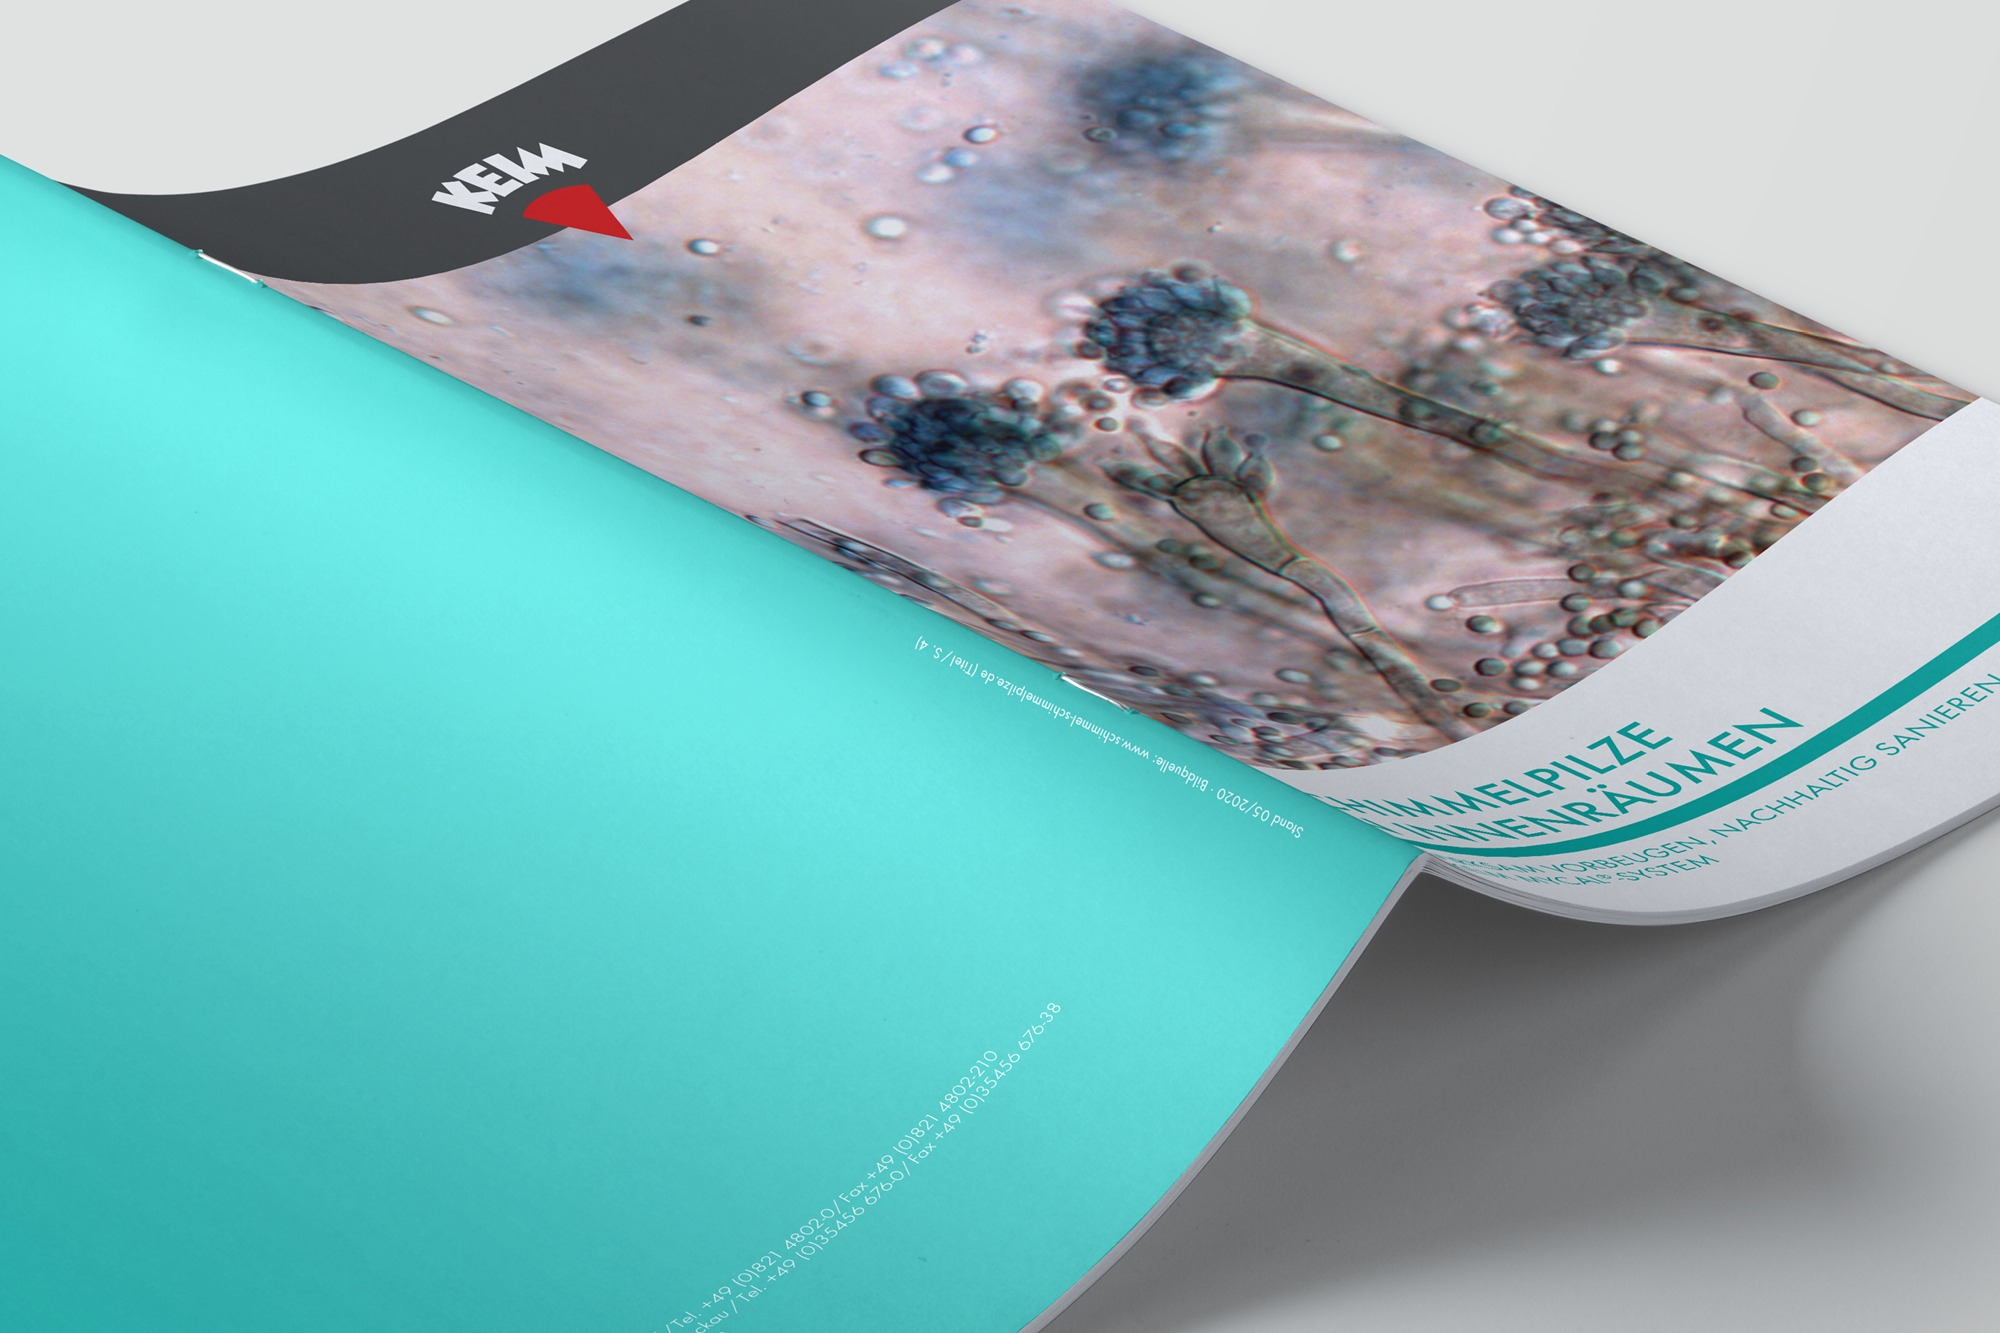 Studio dos, Grafikdesign Osnabrück, Keimfarben Schimmelbroschüre Cover aufgeklappt